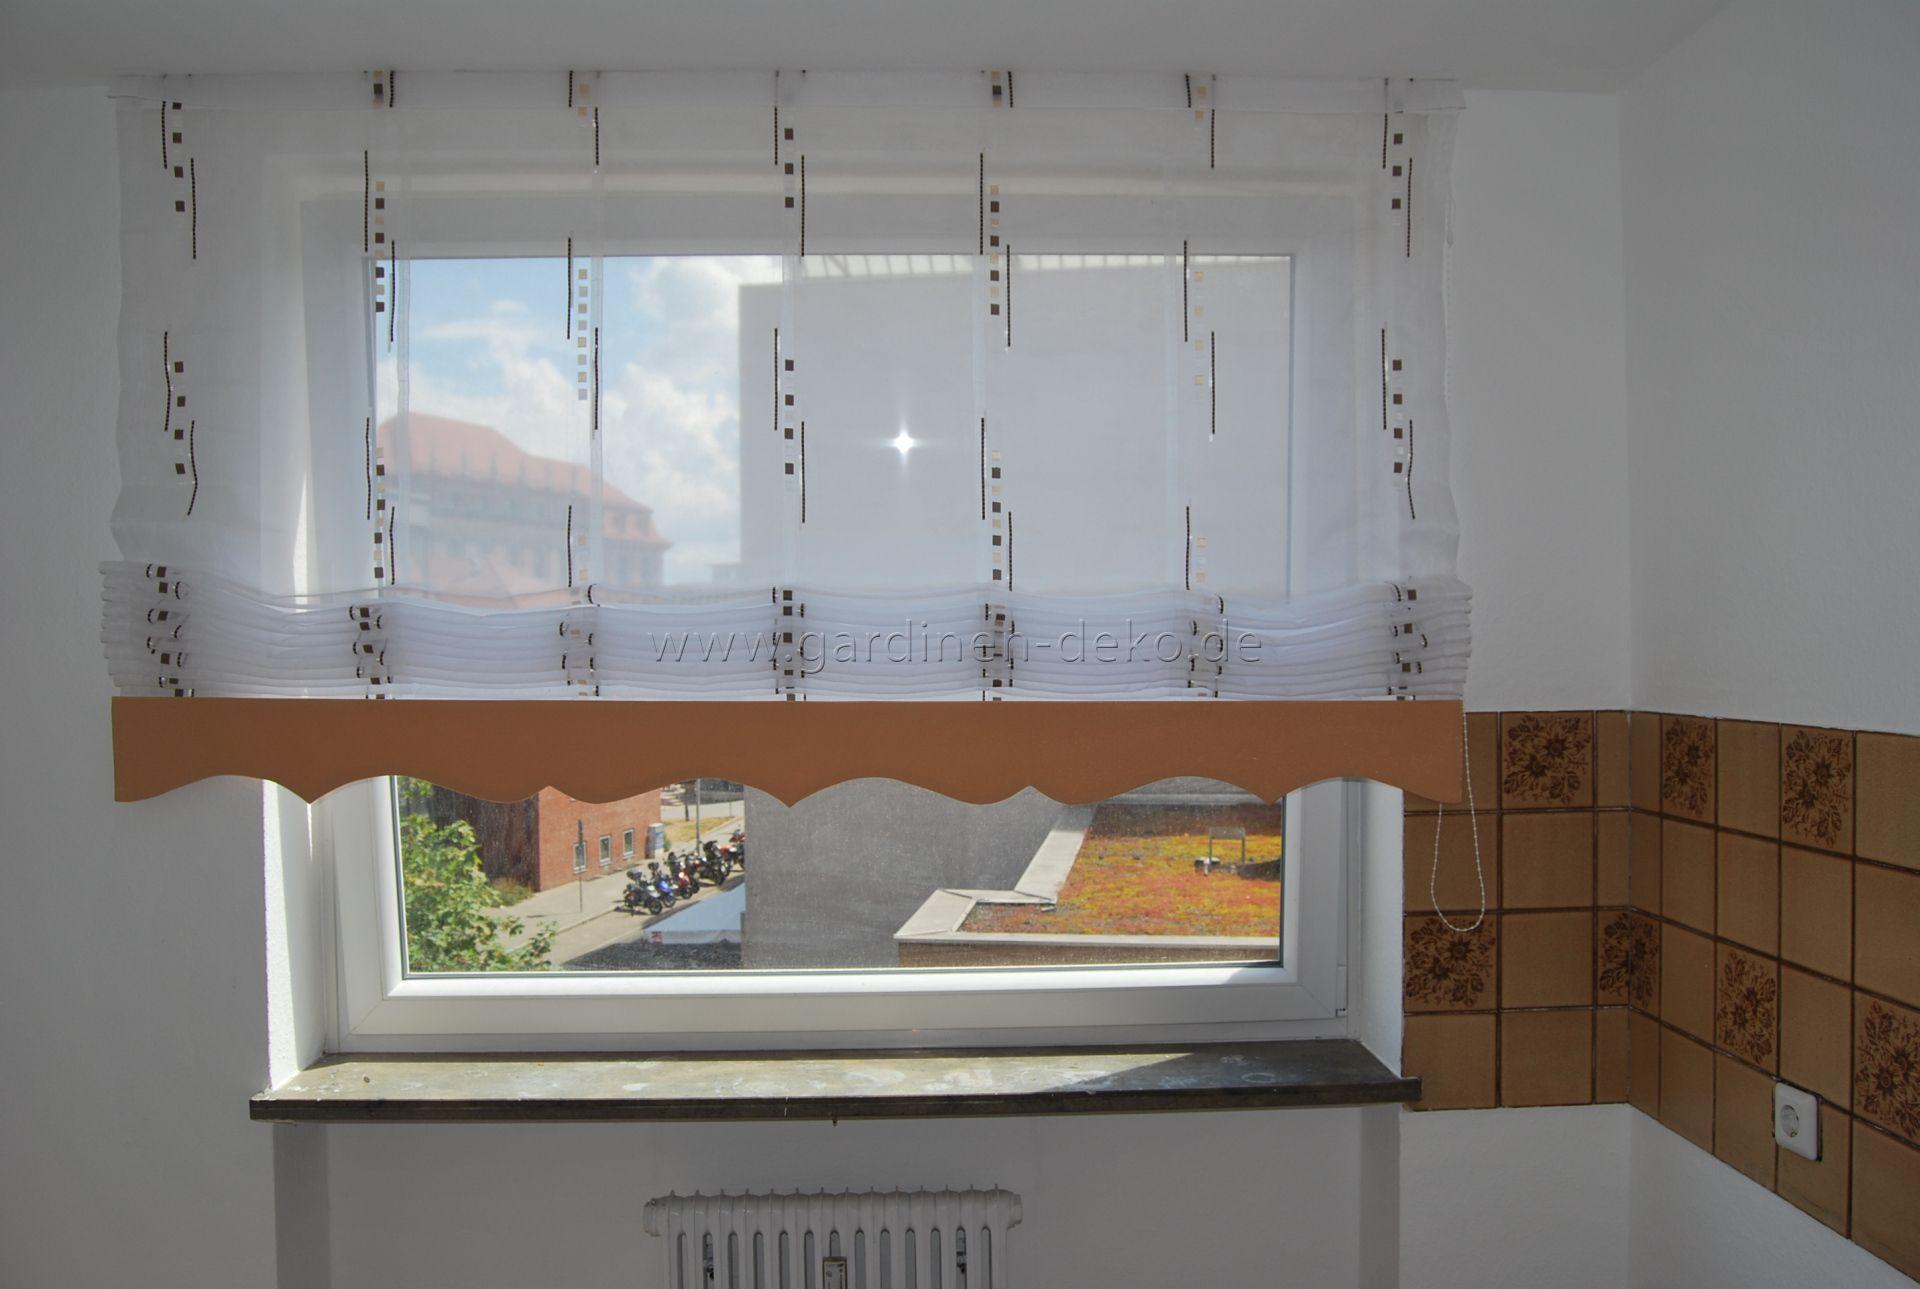 Hellbrauner Ziehvorhang mit Wellenschabracke für die Küche -  http://www.gardinen-deko.de/hellbrauner-ziehvo…   Küchenfenster gardinen,  Gardinen ideen, Küche fenster